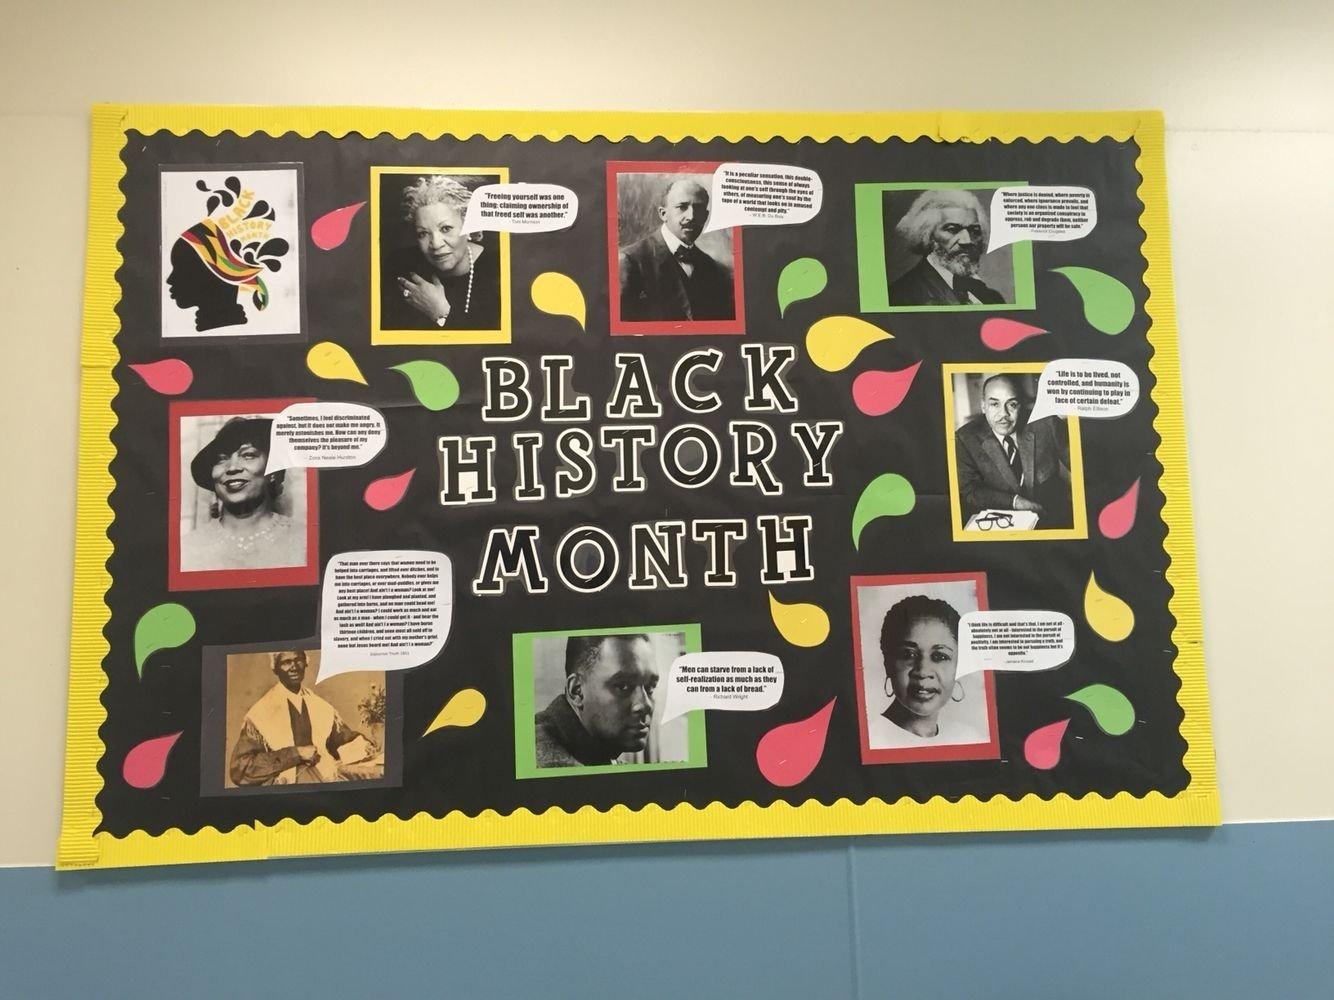 10 Unique Black History Bulletin Board Ideas black history month bulletin board nailed it pinterest black 2 2020